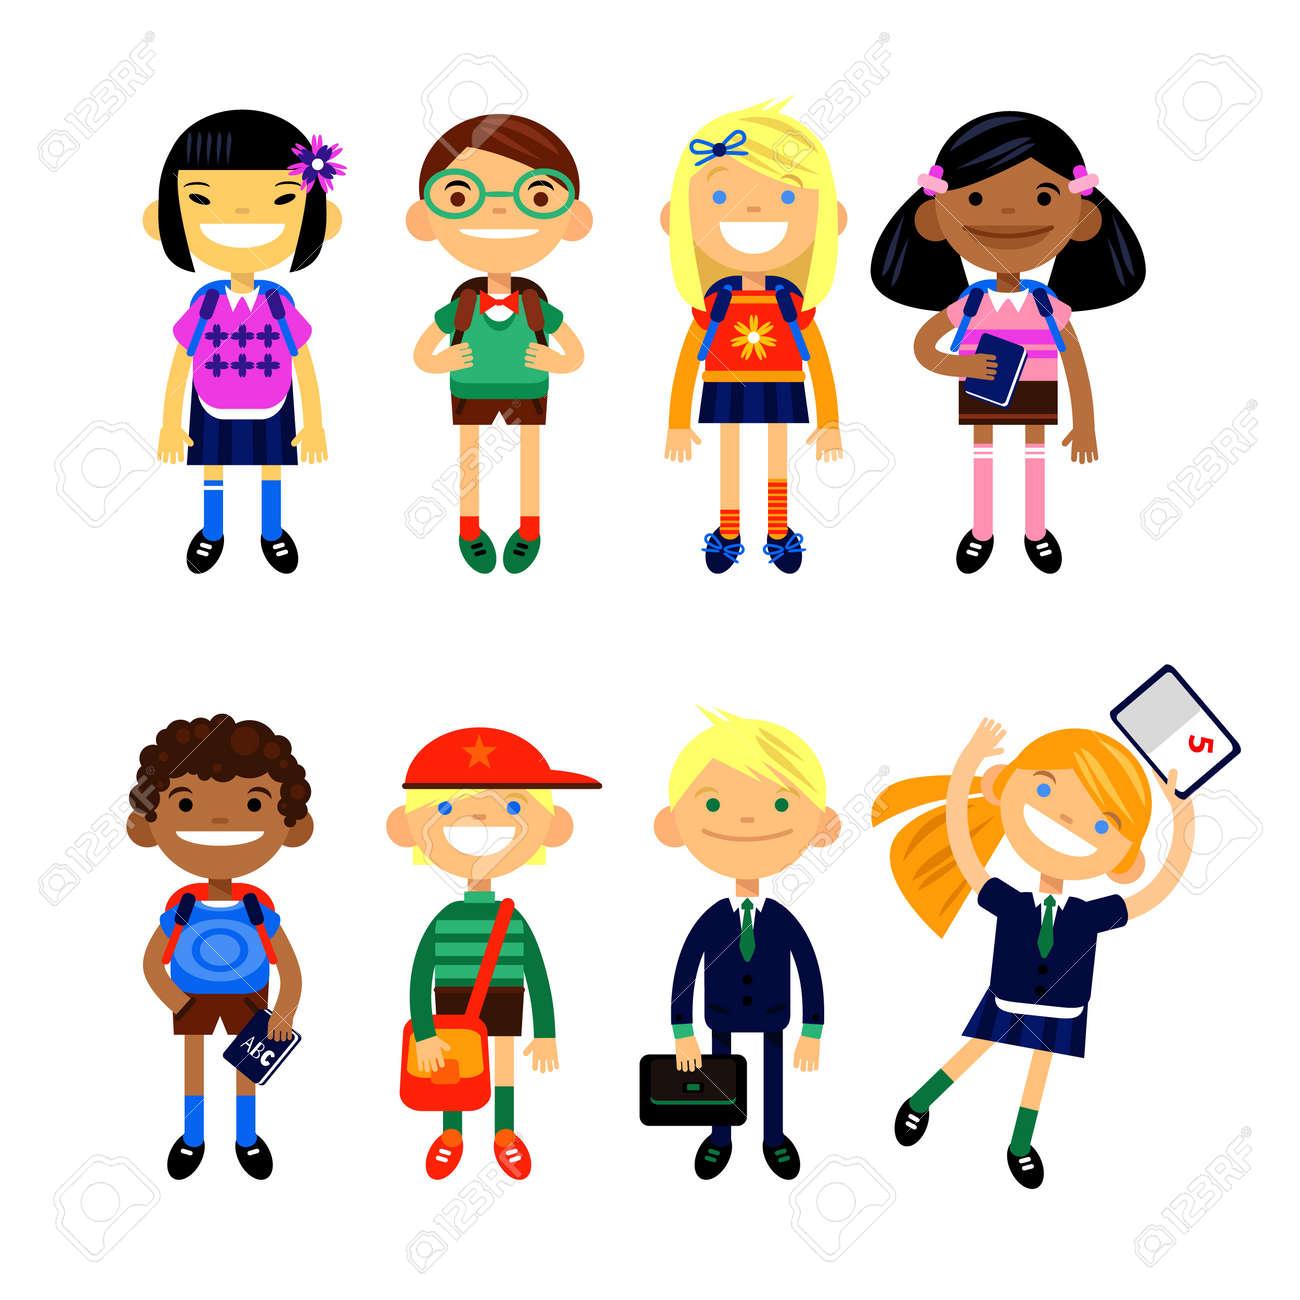 Ecolier jeu de caractères écolier élémentaire, les élèves des écoles sur un